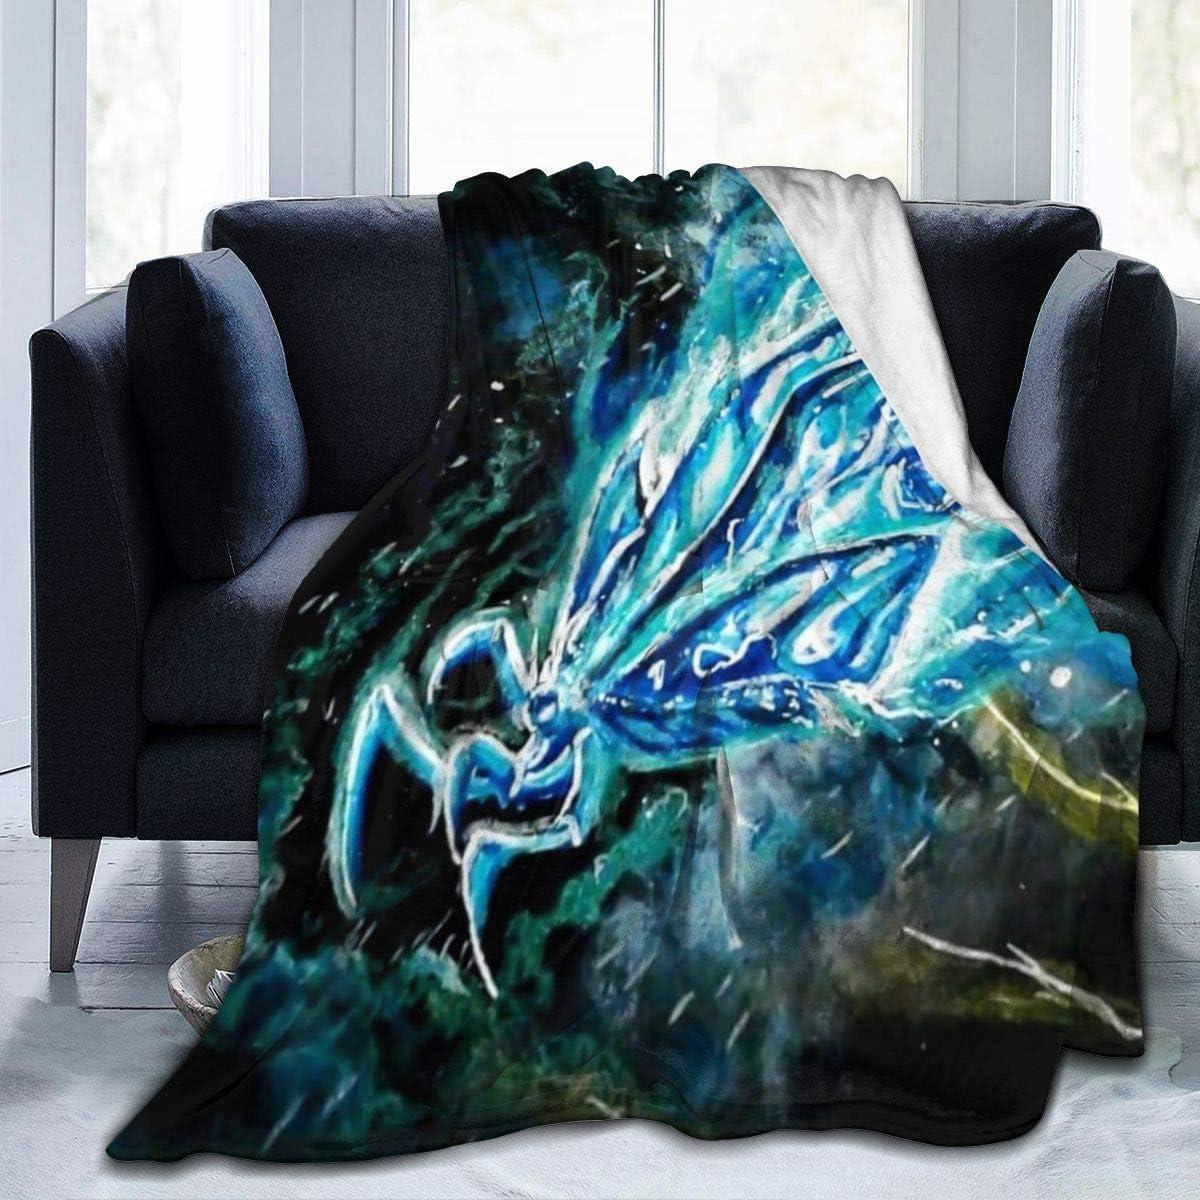 BLANKNTC Mantas de Cama de vellón Personalizadas, Monstruos Godzilla Mothra 2019 Fan Painting Art Mantas navideñas, antiestático, Ultra Acogedor, Linda Manta, Ropa de Cama para Ancianos S